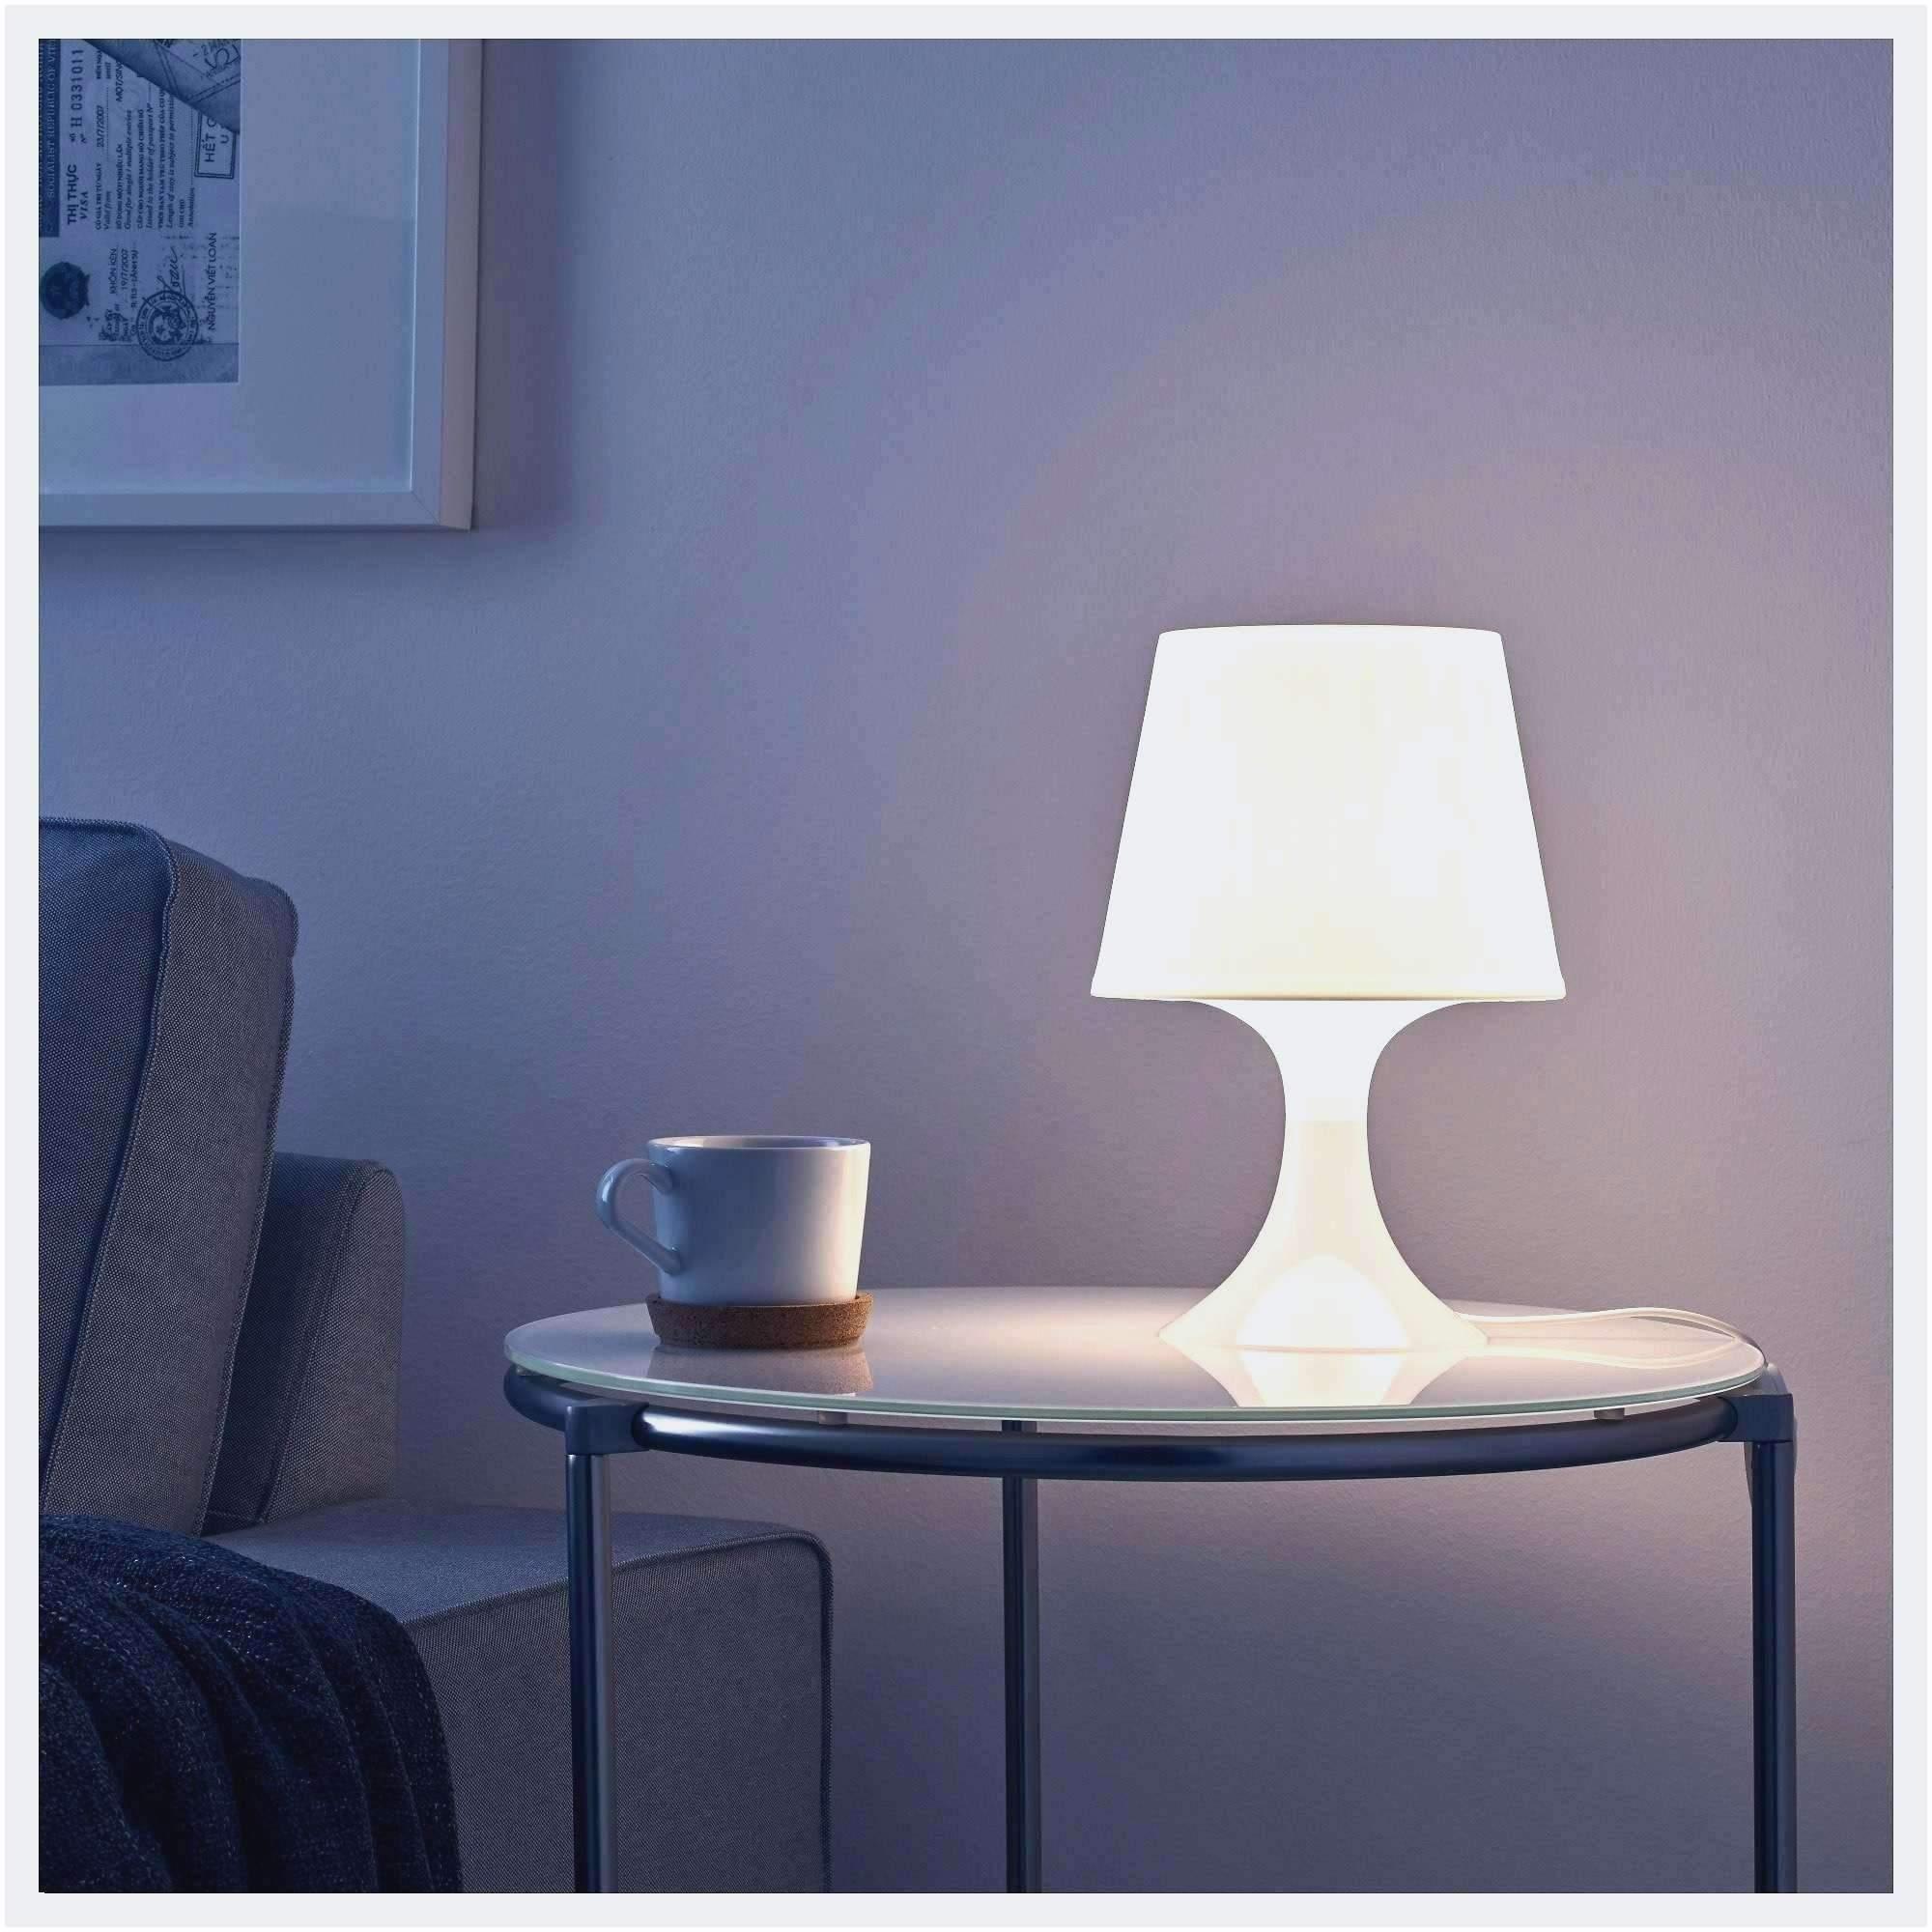 Full Size of Stehlampe Ikea Lampen Wohnzimmer Neu Design Küche Kosten Kaufen Modulküche Stehlampen Schlafzimmer Sofa Mit Schlaffunktion Betten Bei 160x200 Miniküche Wohnzimmer Stehlampe Ikea